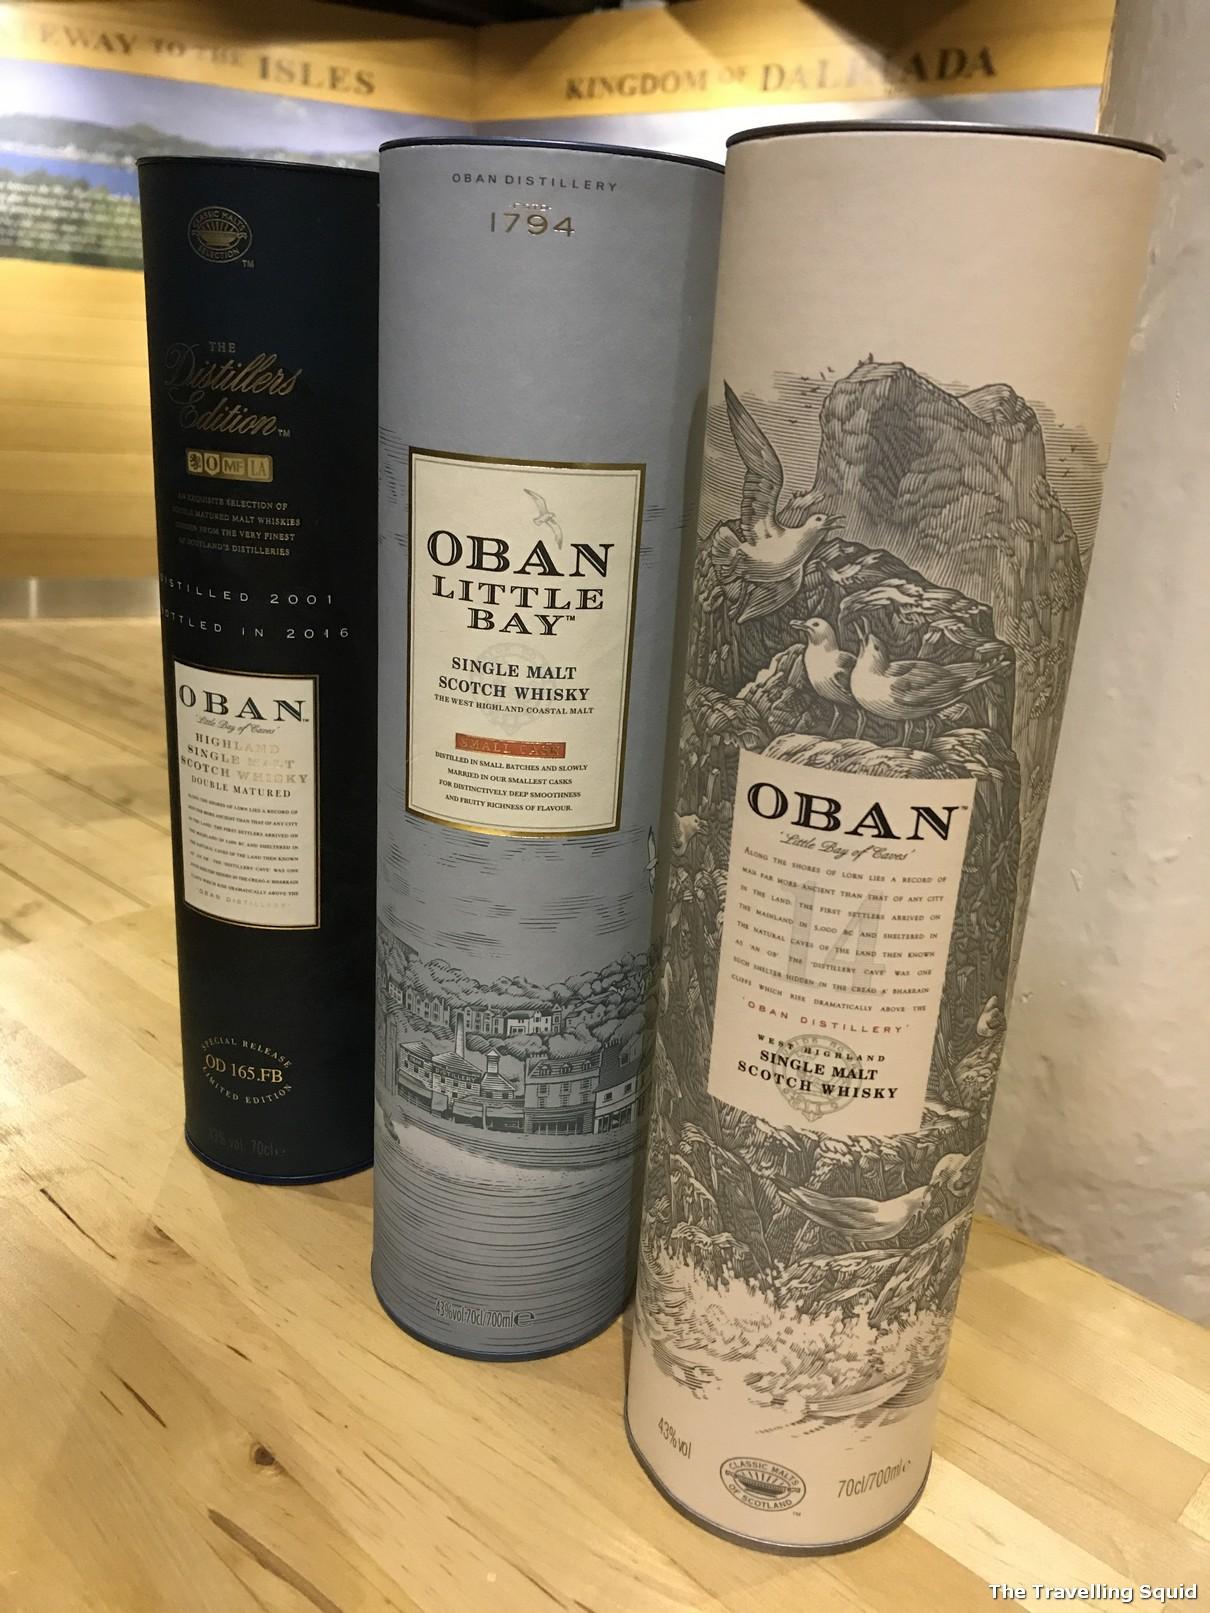 oban whisky varieties little bay